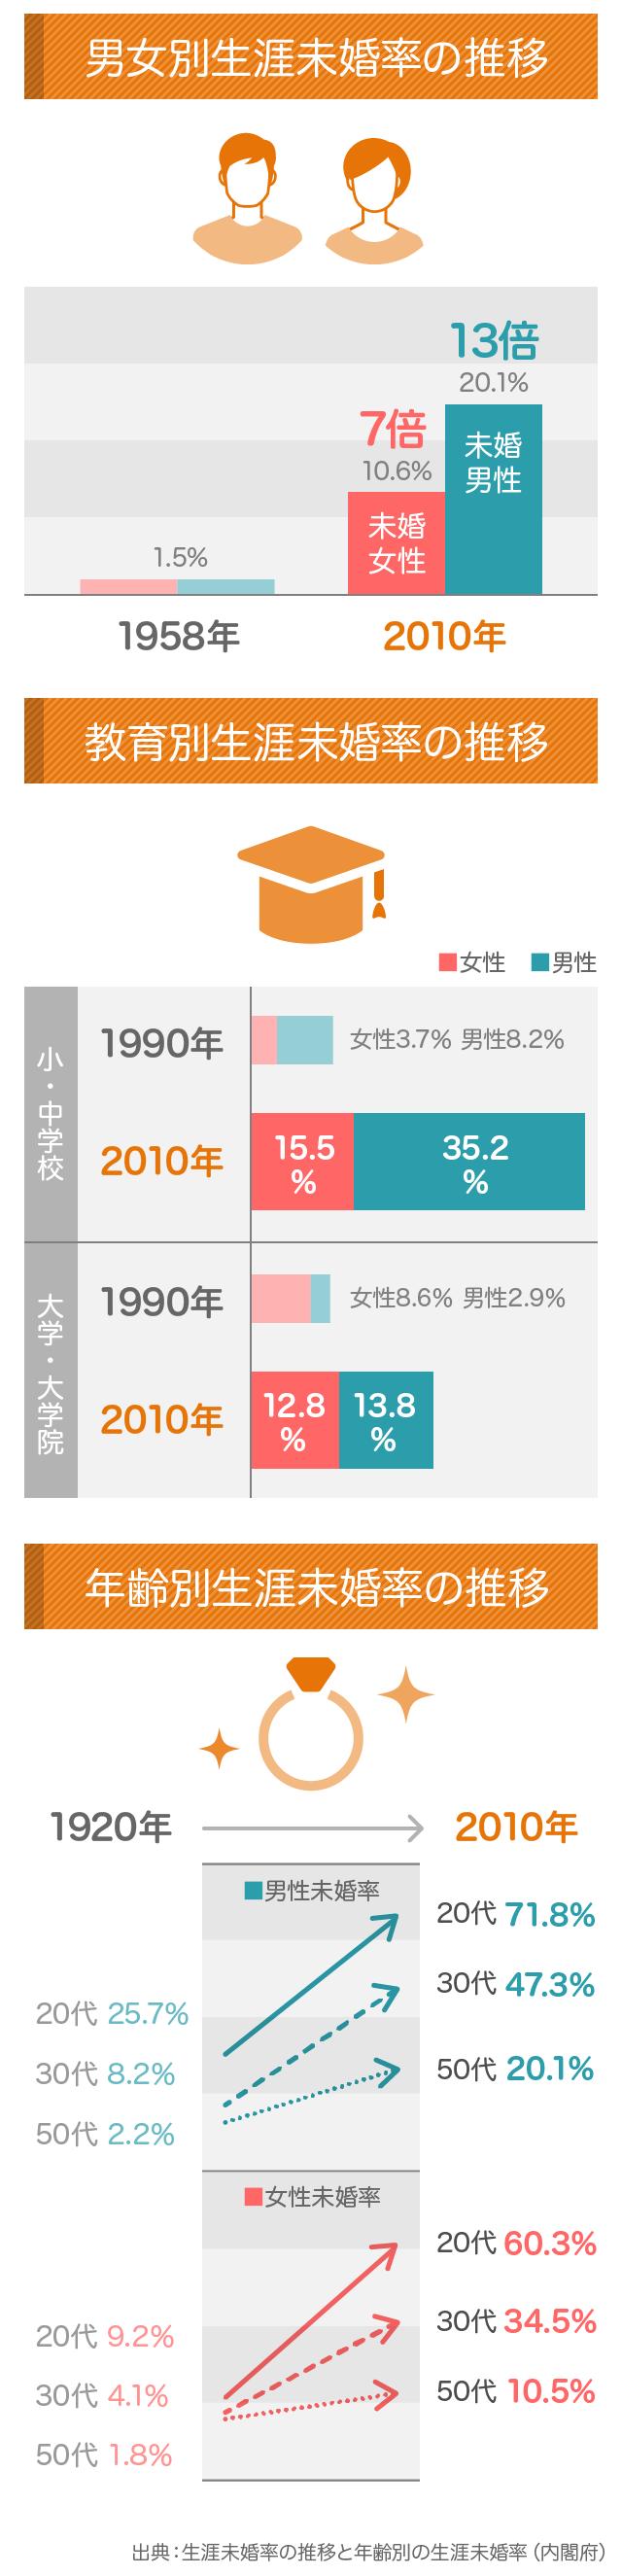 生涯未婚率の推移と年齢別の生涯未婚率の推移